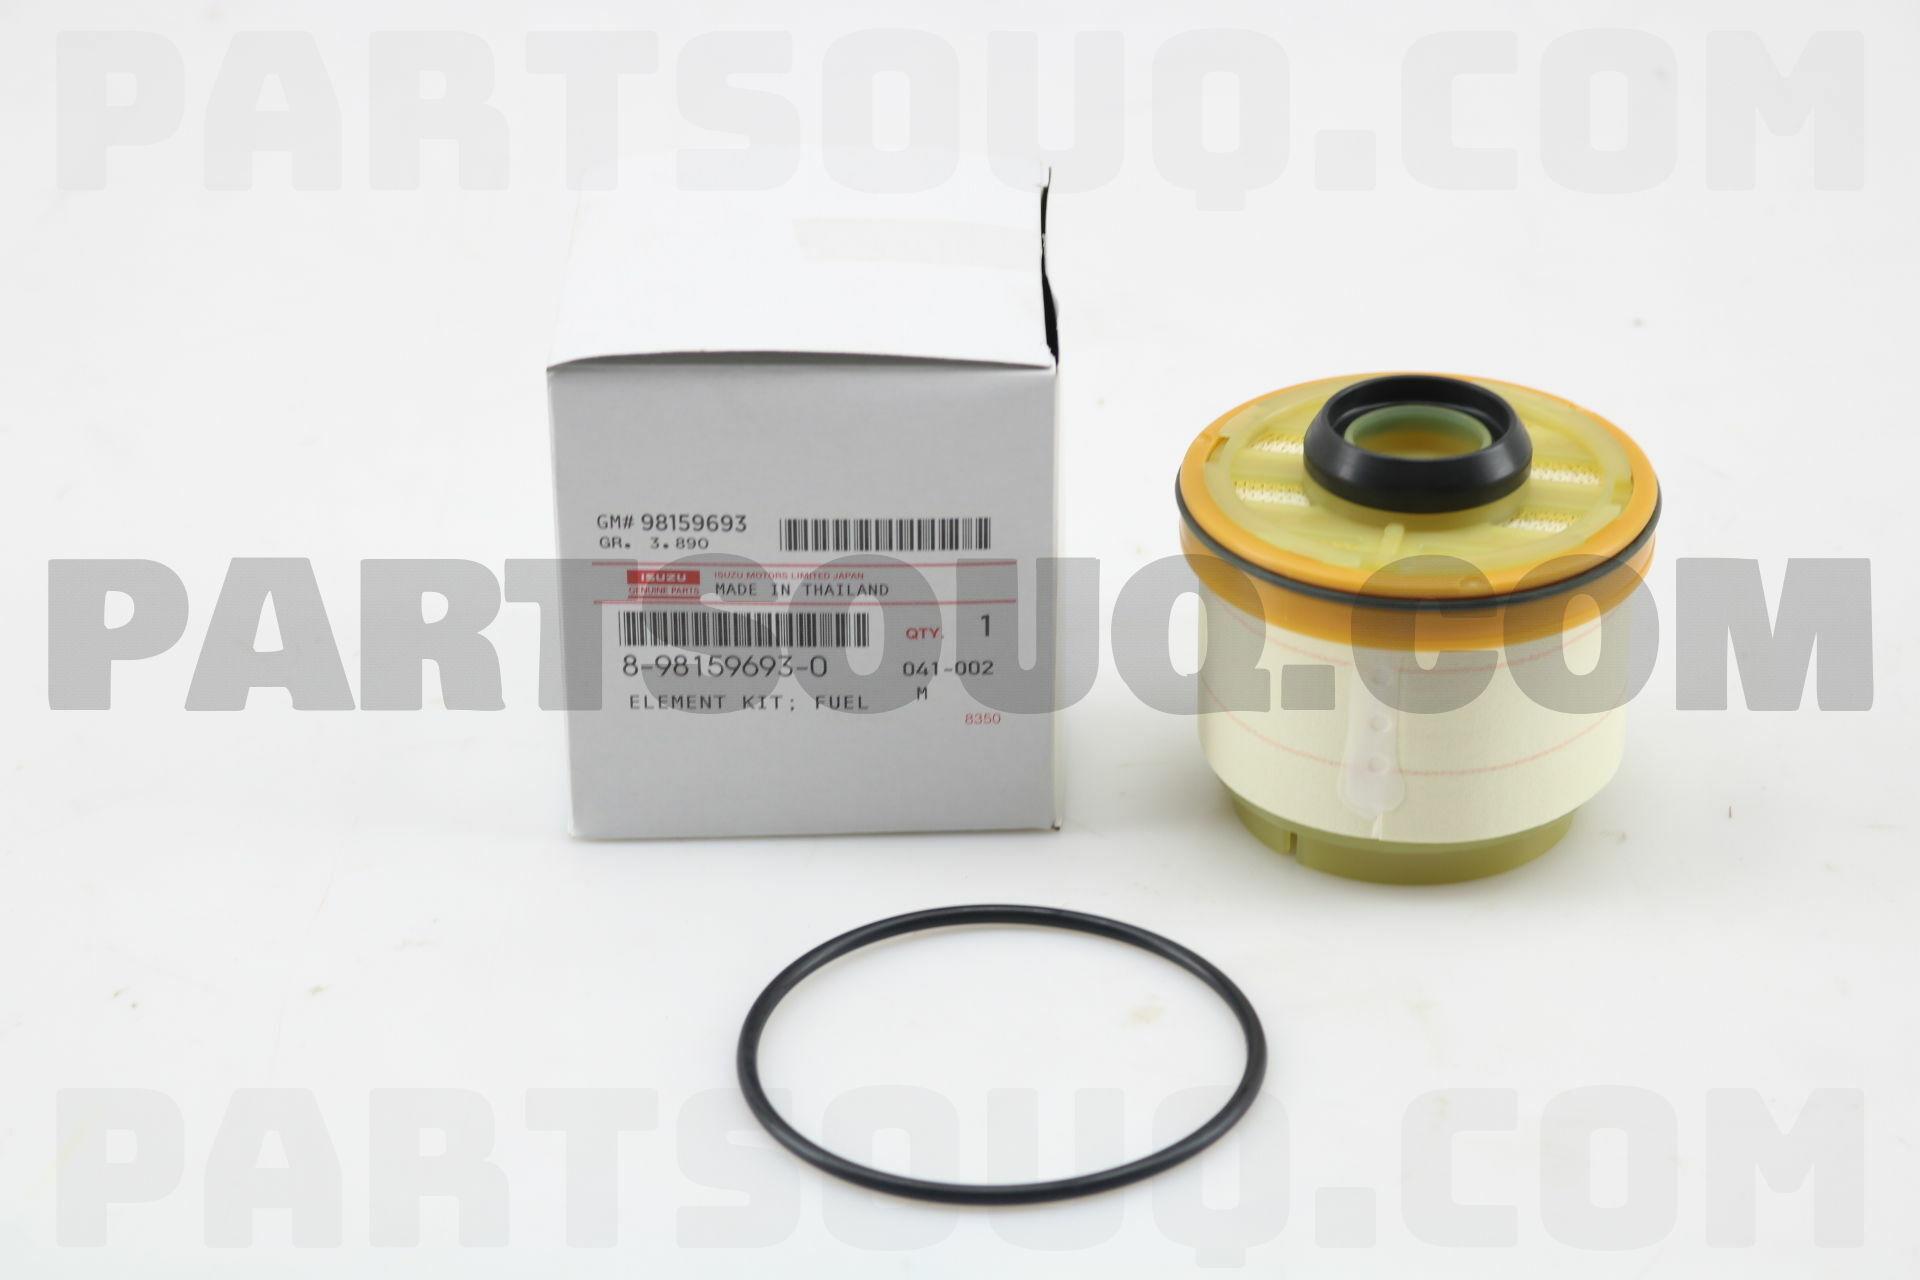 8981596930 Isuzu Element Kit Fuel Filter Price 2685 Weight Filters